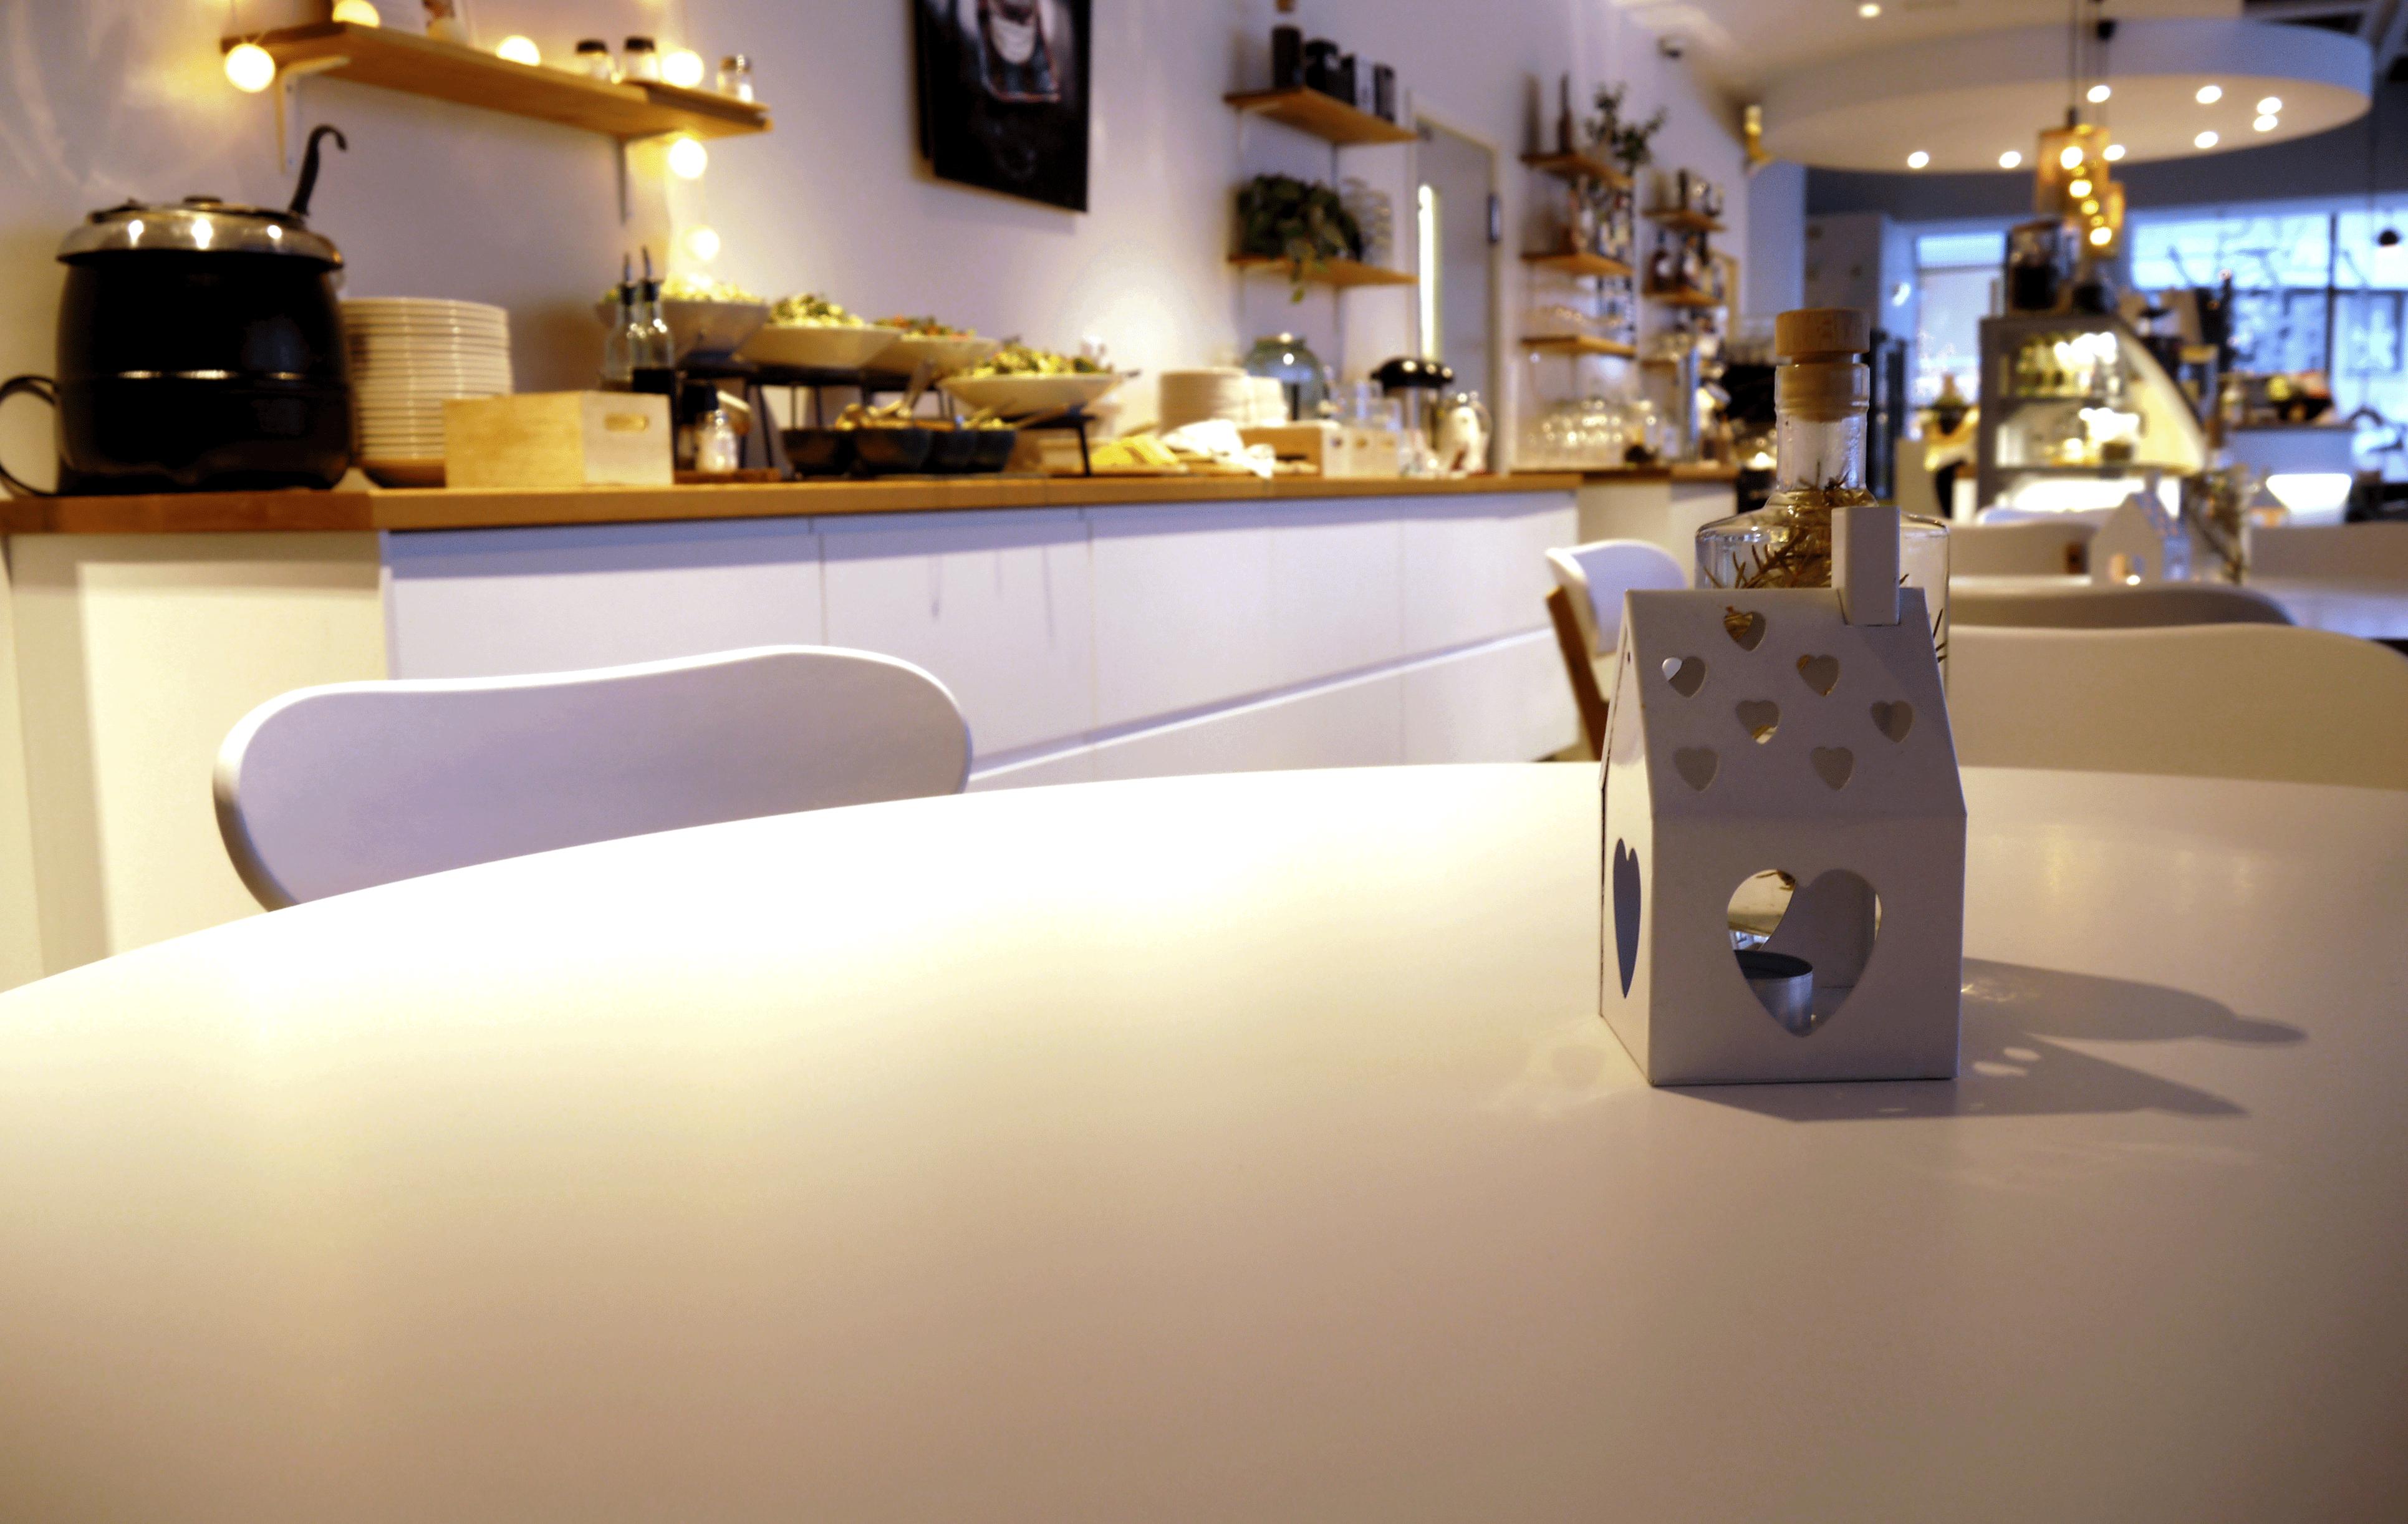 Frühstücksbuffet im Café Kot